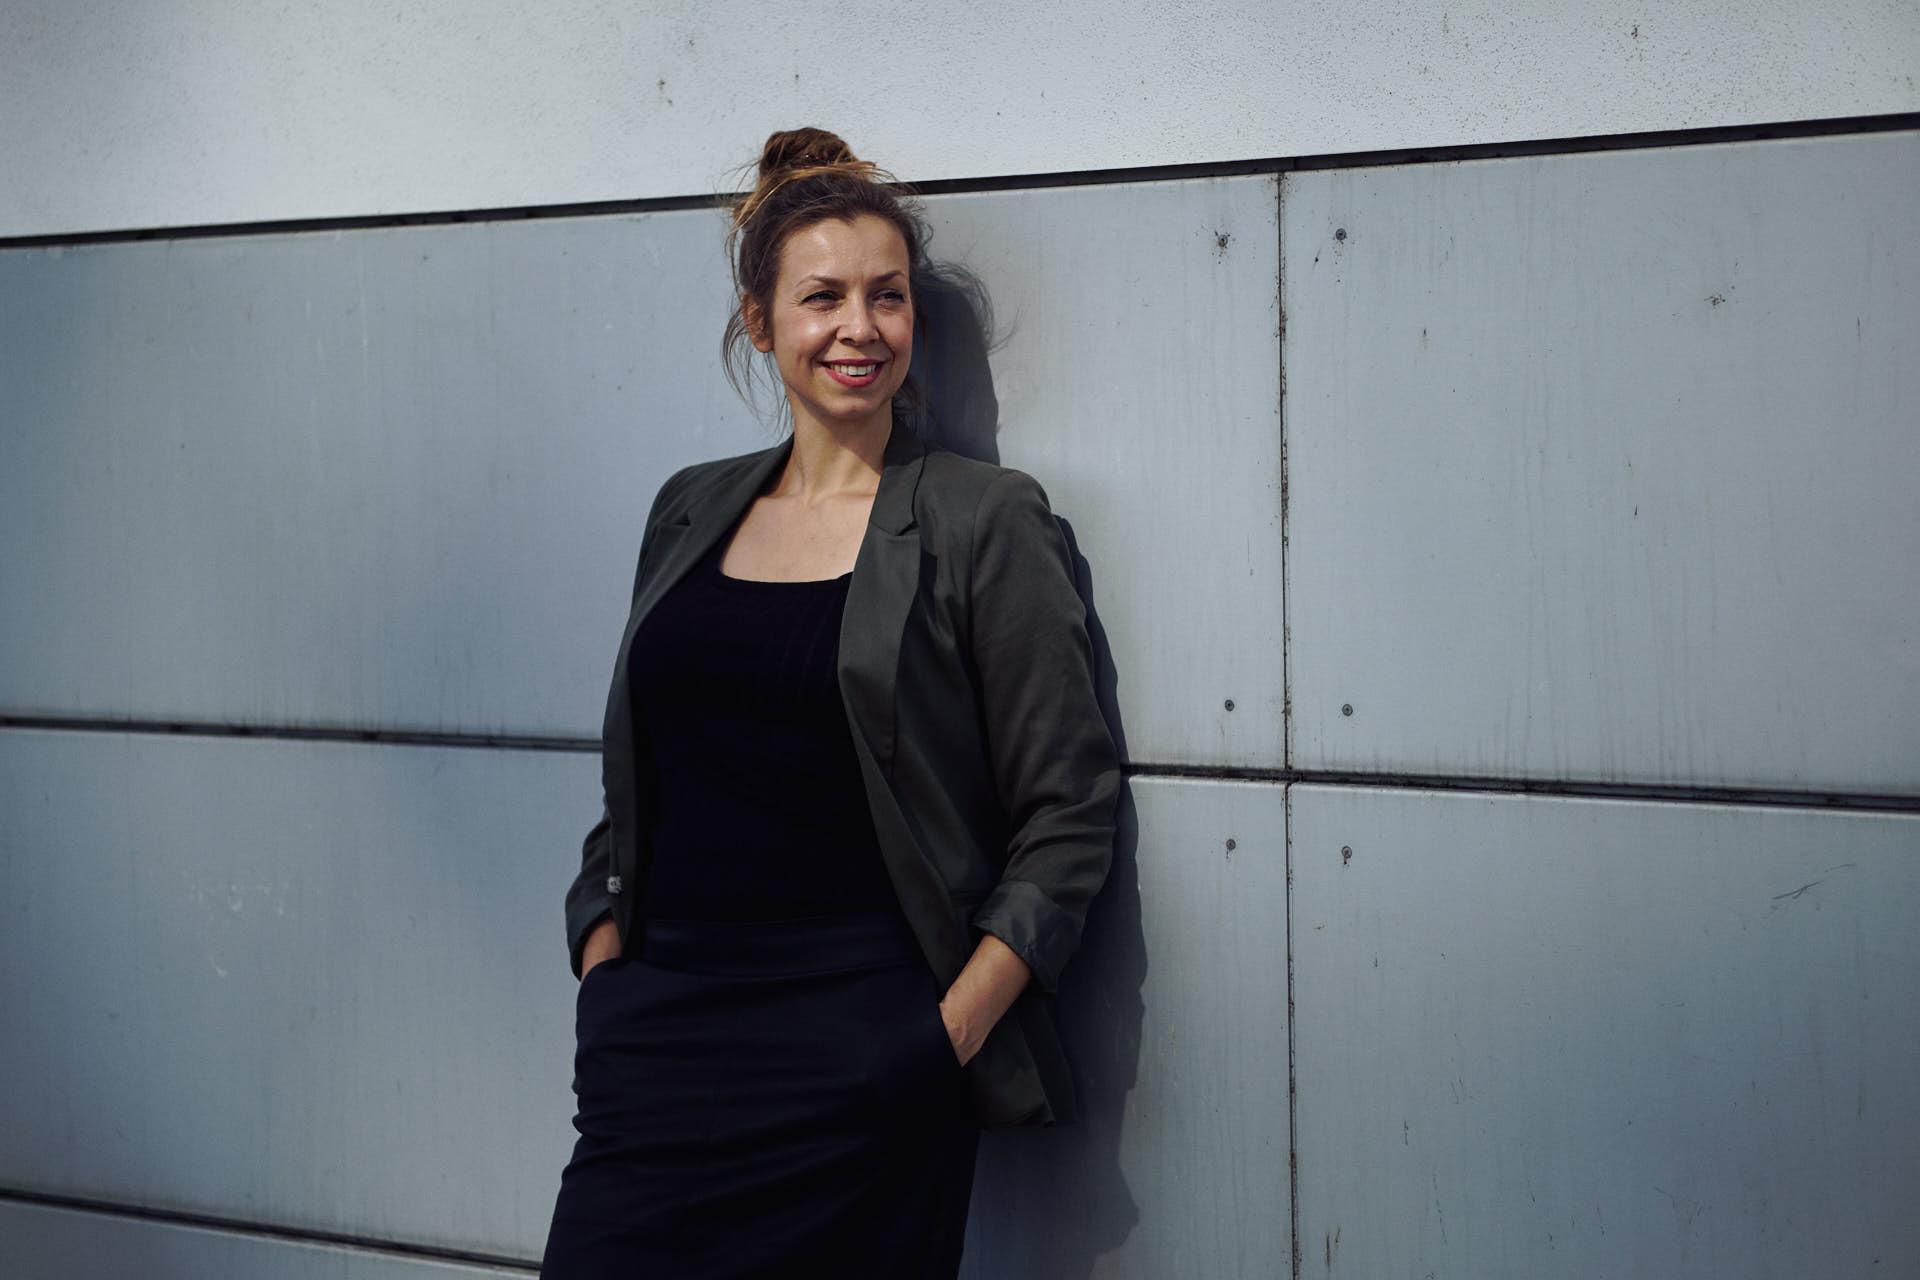 Rauchentwöhnuns Coach Nicole Gabor posiert vor einer Wand für ein Business Portrait in Köln